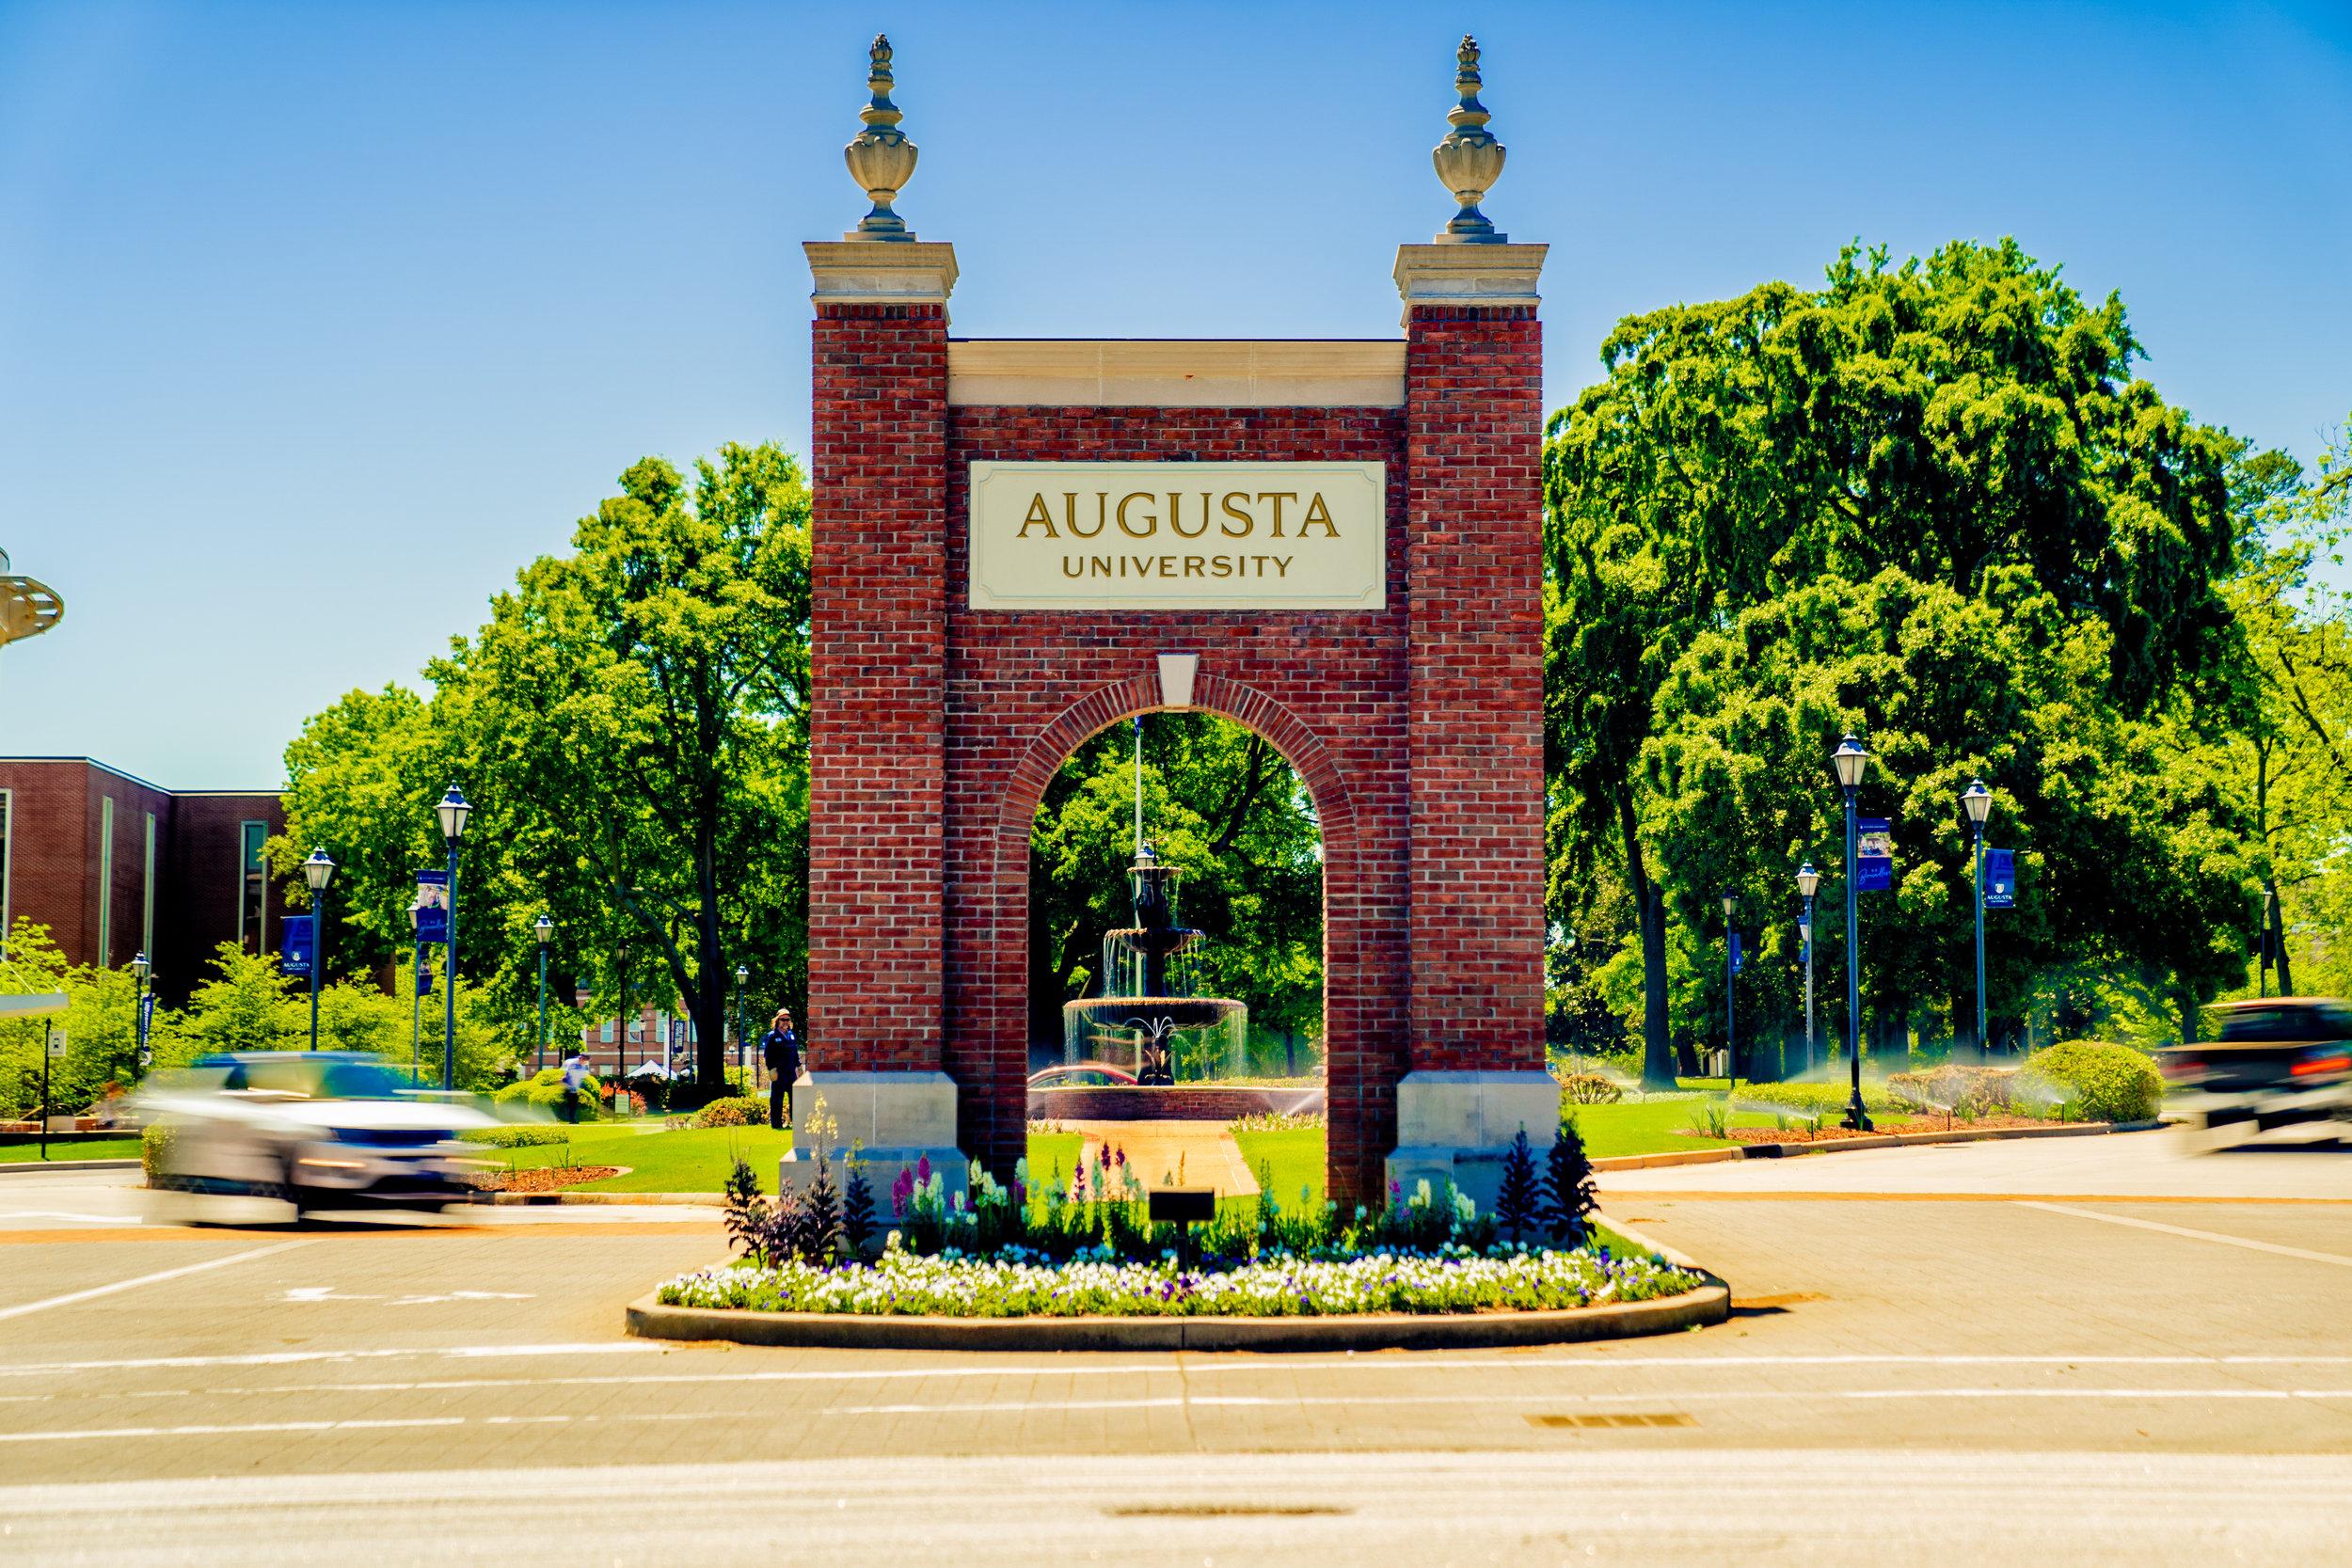 ASU_campus (5 of 15).jpg